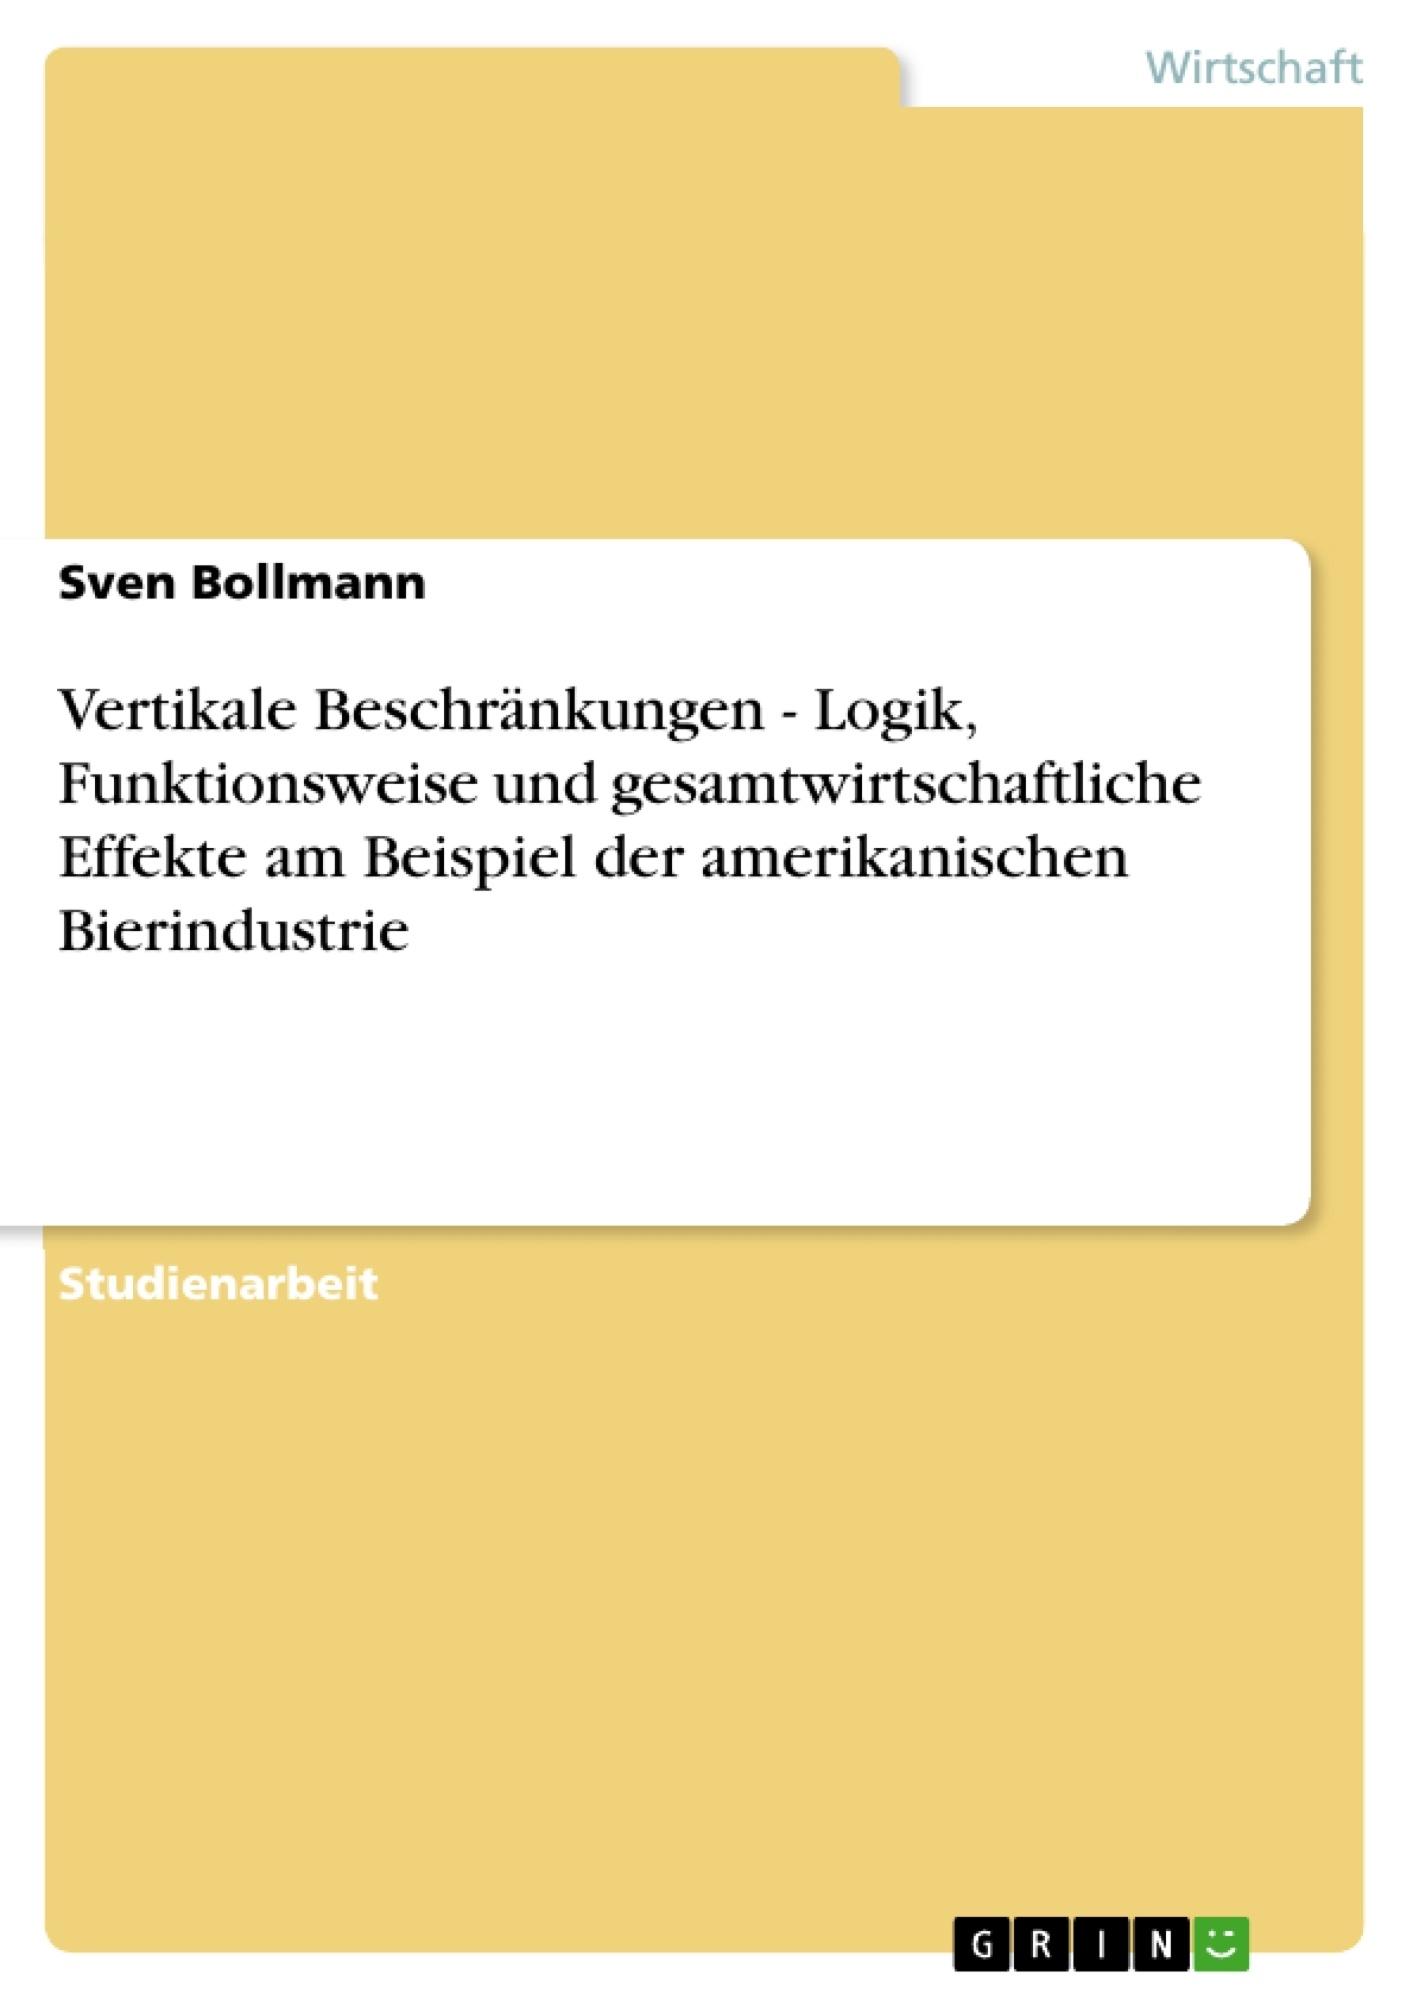 Titel: Vertikale Beschränkungen - Logik, Funktionsweise und gesamtwirtschaftliche Effekte am Beispiel der amerikanischen Bierindustrie